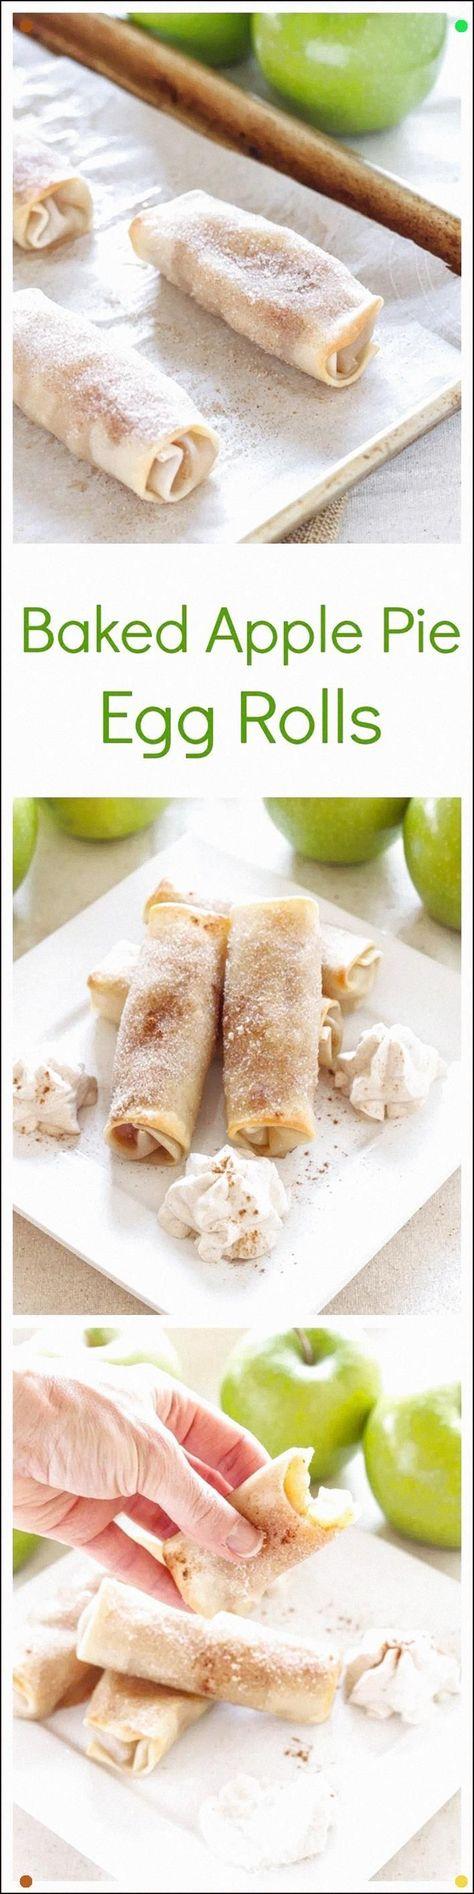 #apple #baked #Egg #goodness #Pie #Rolls #apple #baked #Egg #goodness #Pie #Rolls